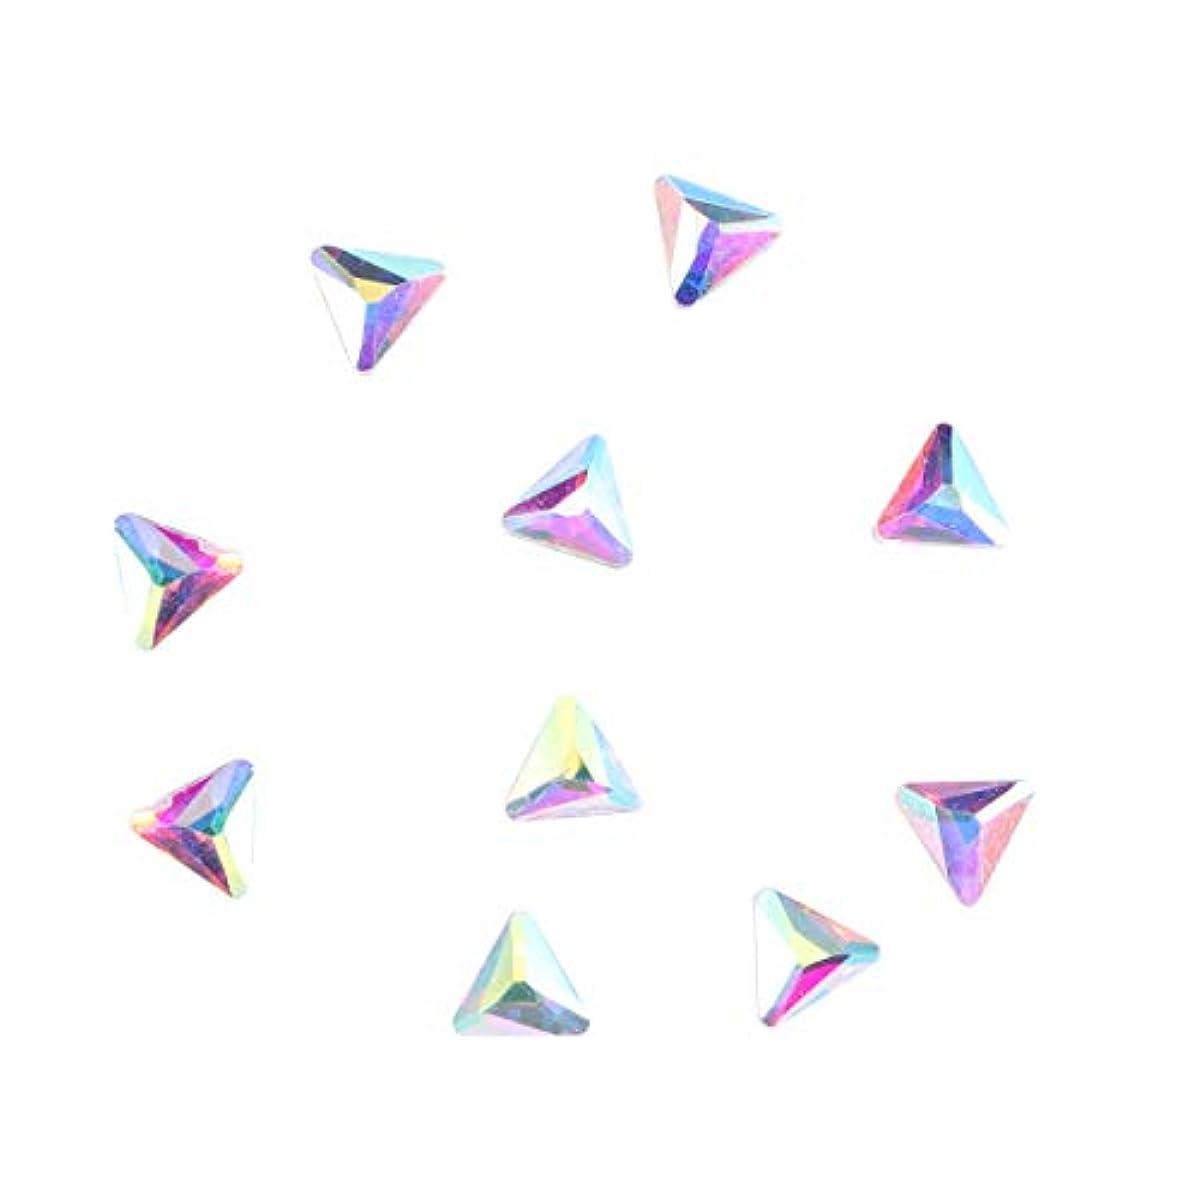 南極光景誘発するFrcolor ラインストーン ネイルシール ネイルアートダイヤモンド ネイルアートシールセット ネイルケアセット ネイル用品 10本(三角6*6)